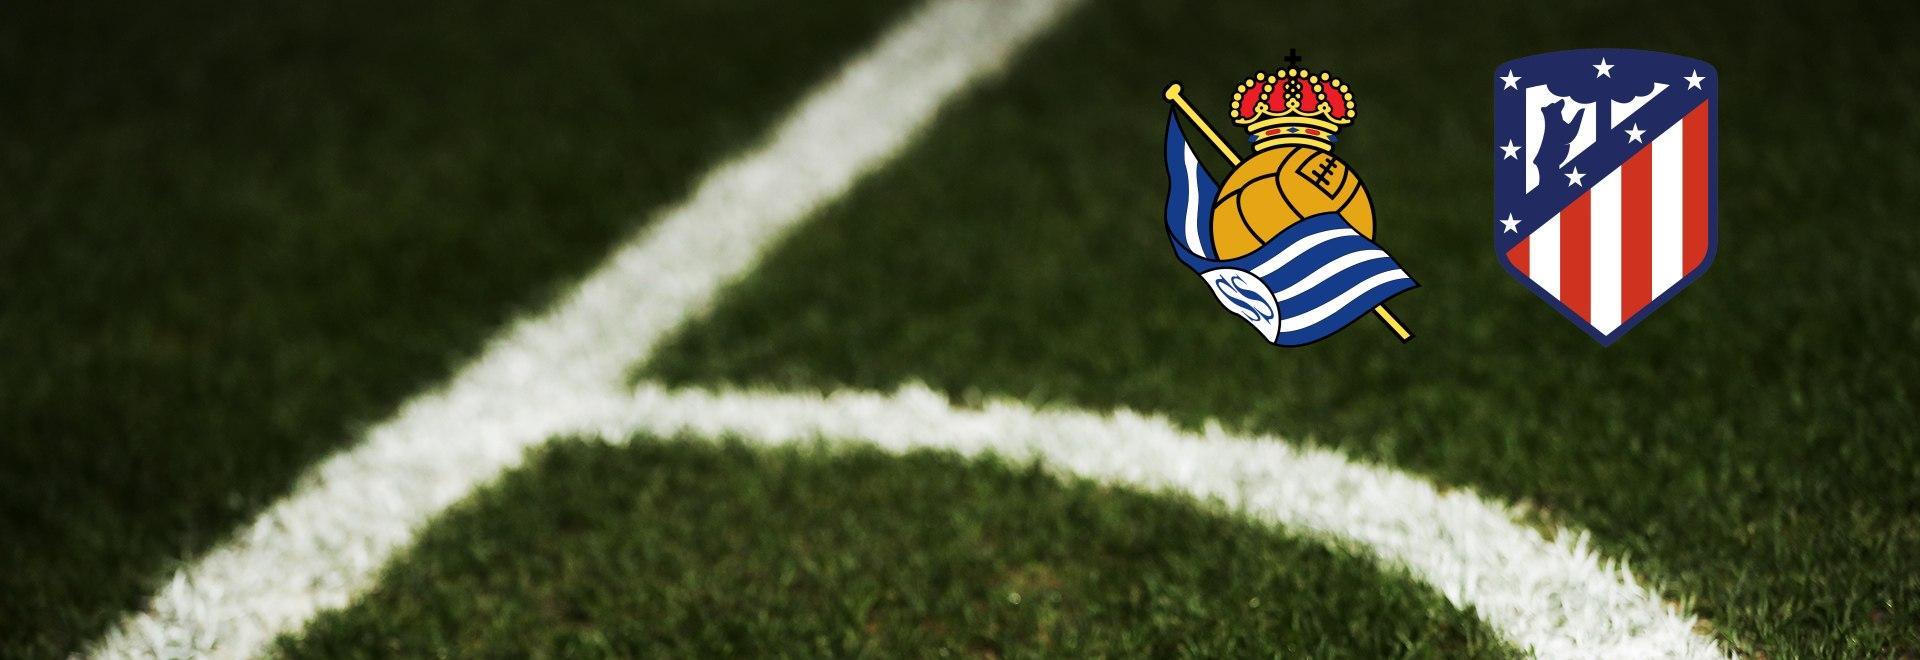 Real Sociedad - Atlético Madrid. 15/12/20